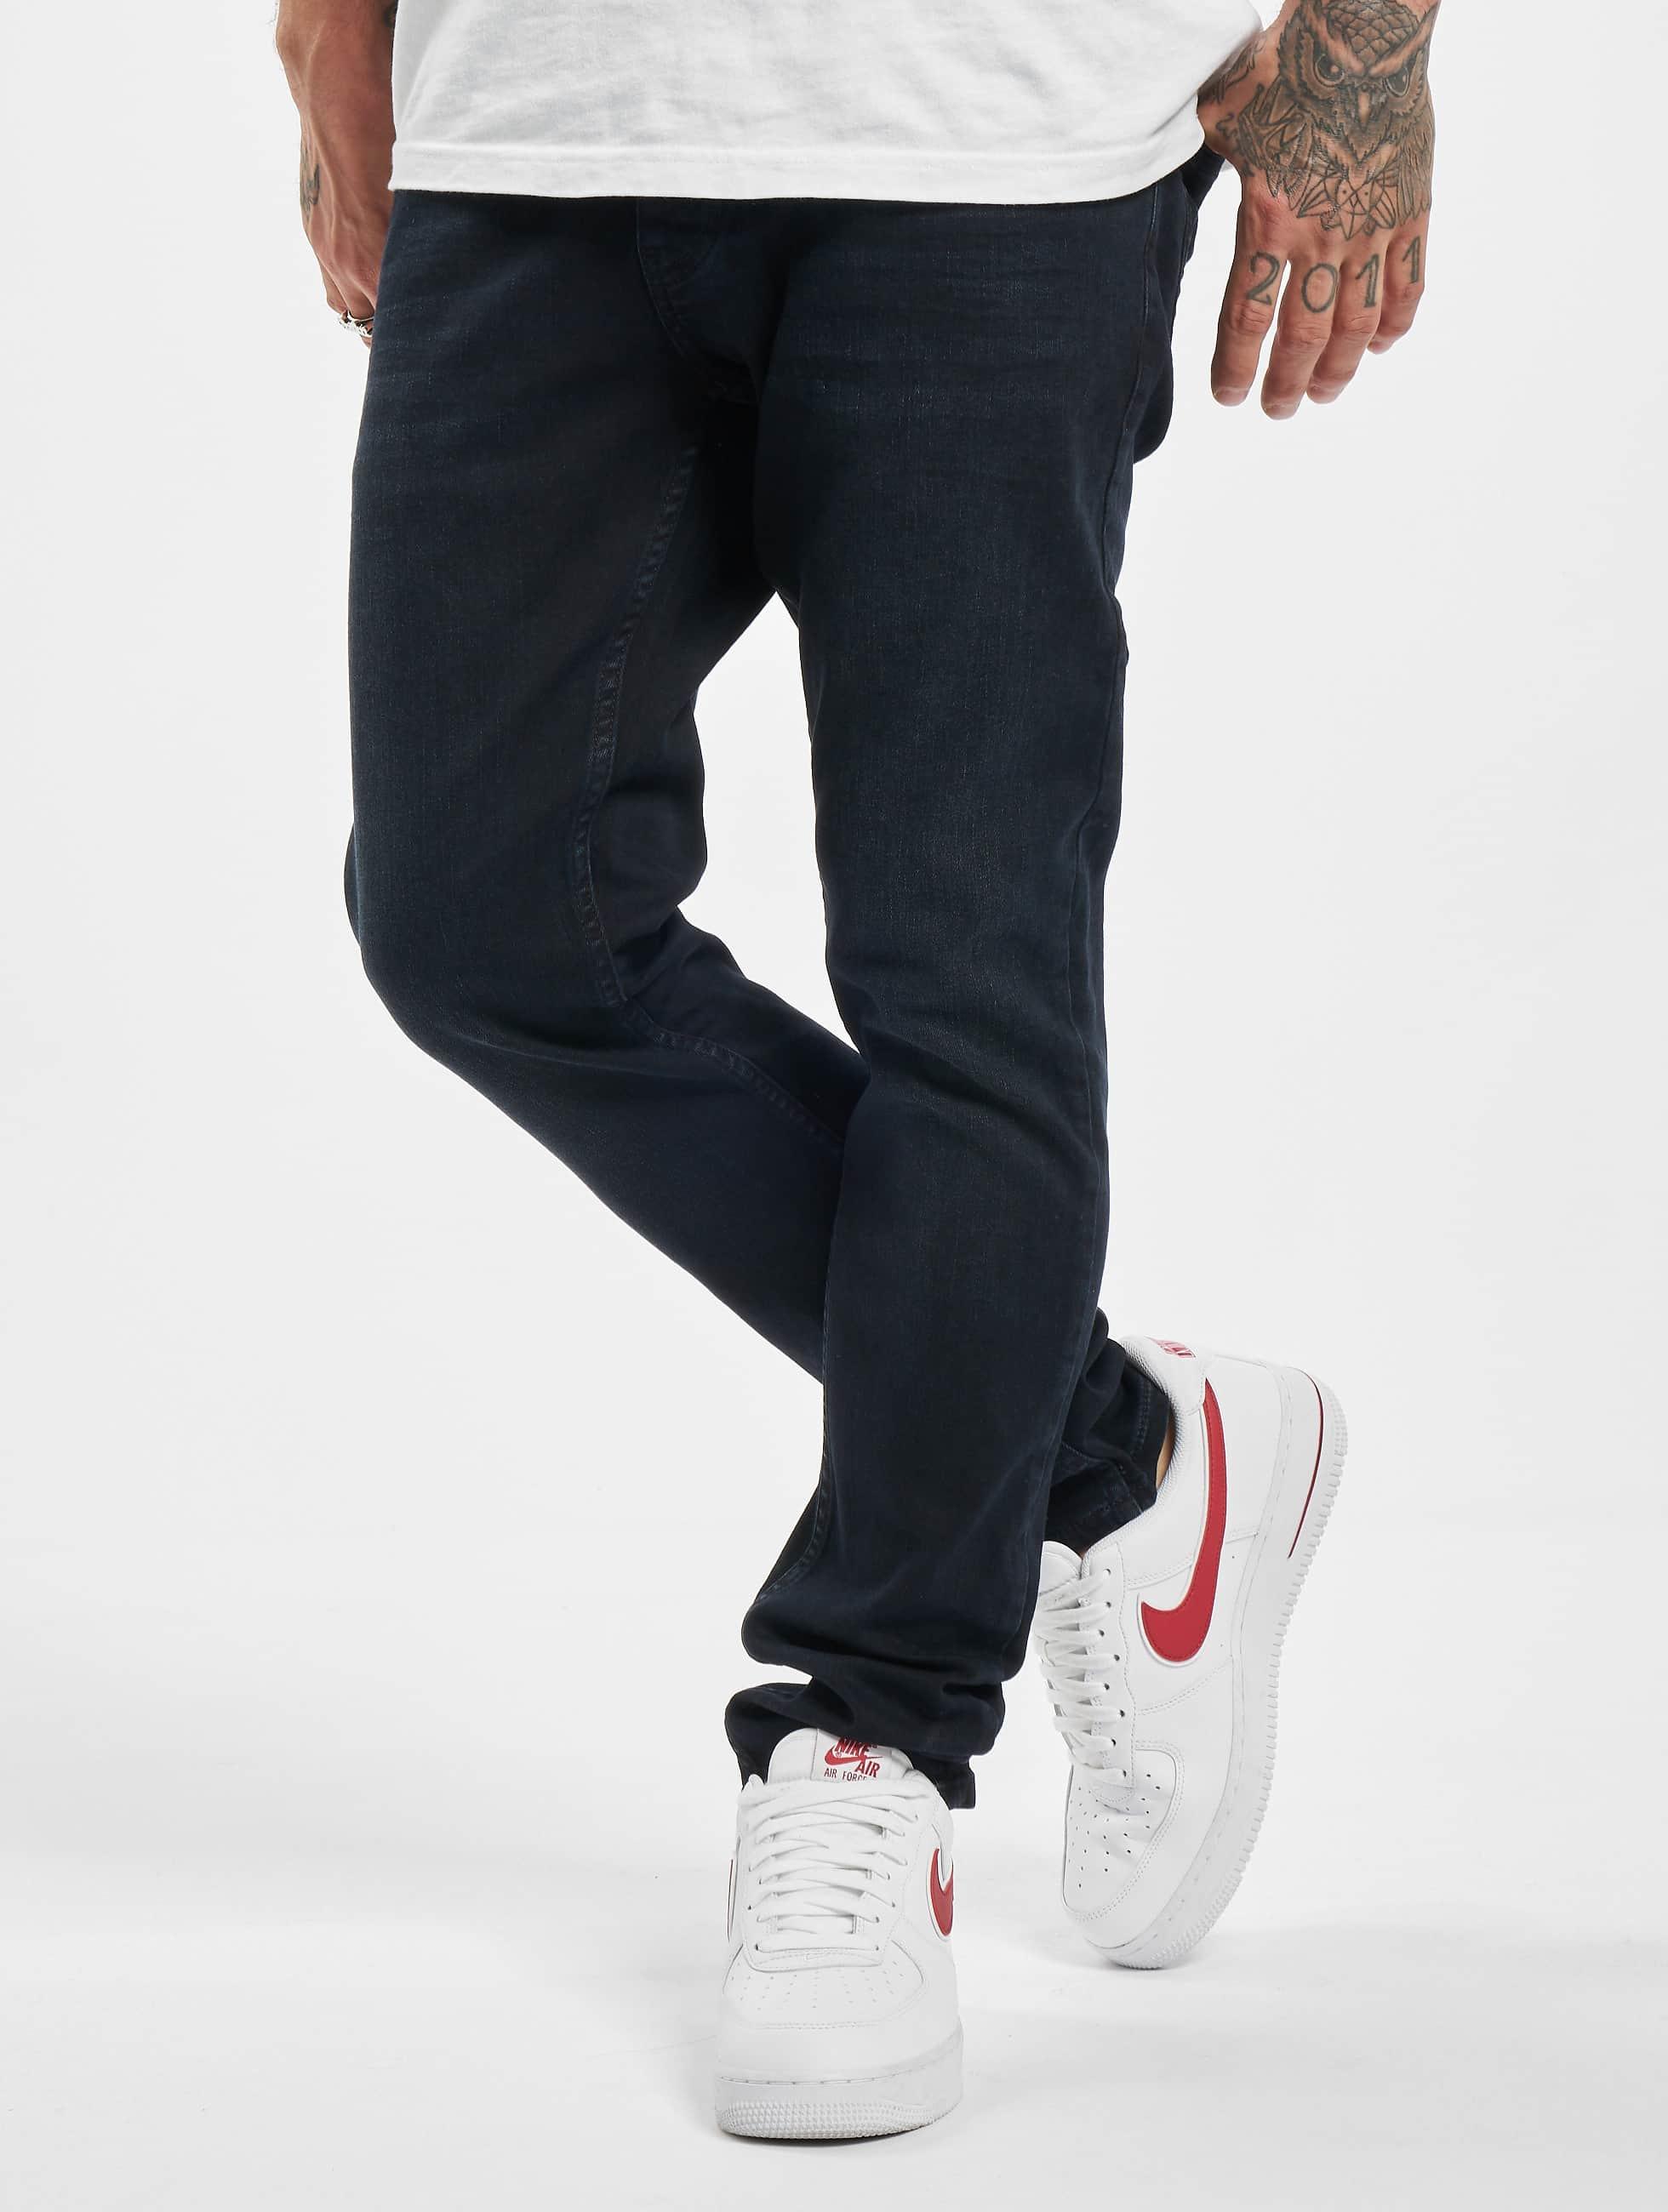 2Y / Slim Fit Jeans Leon in black W 36